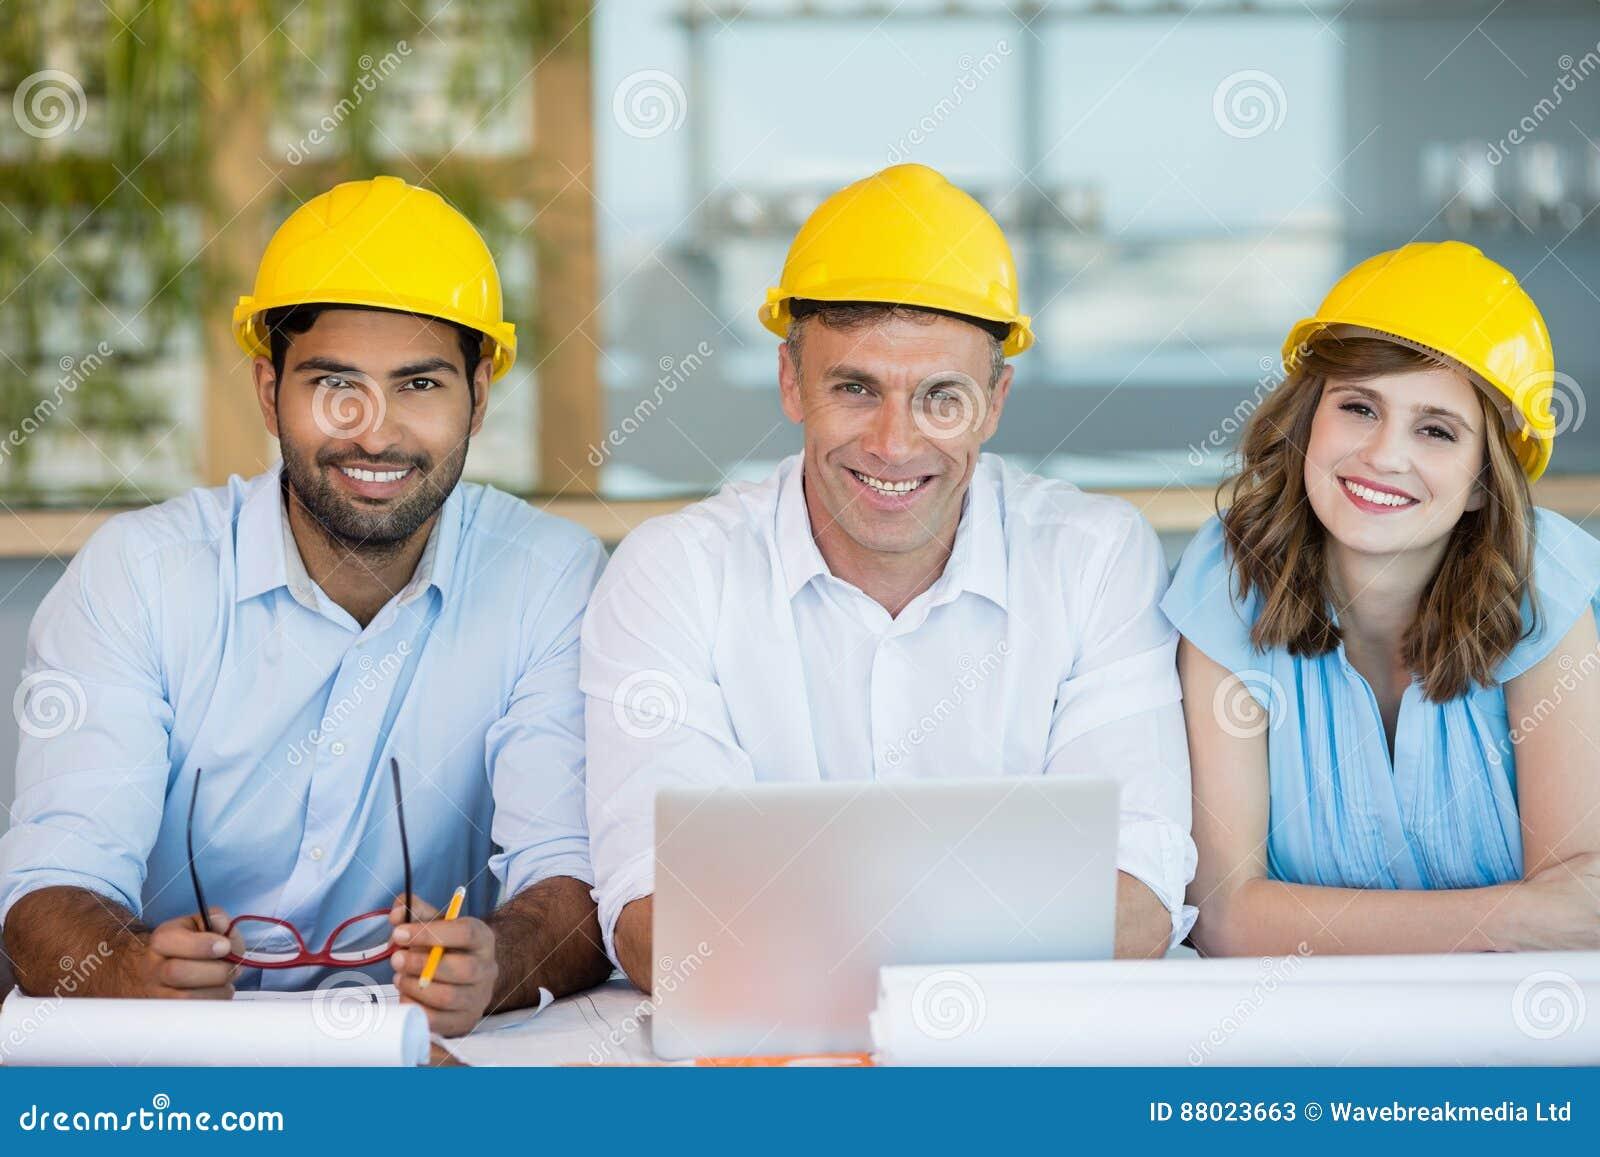 Lächelnde Architekten, die zusammen im Konferenzsaal sitzen